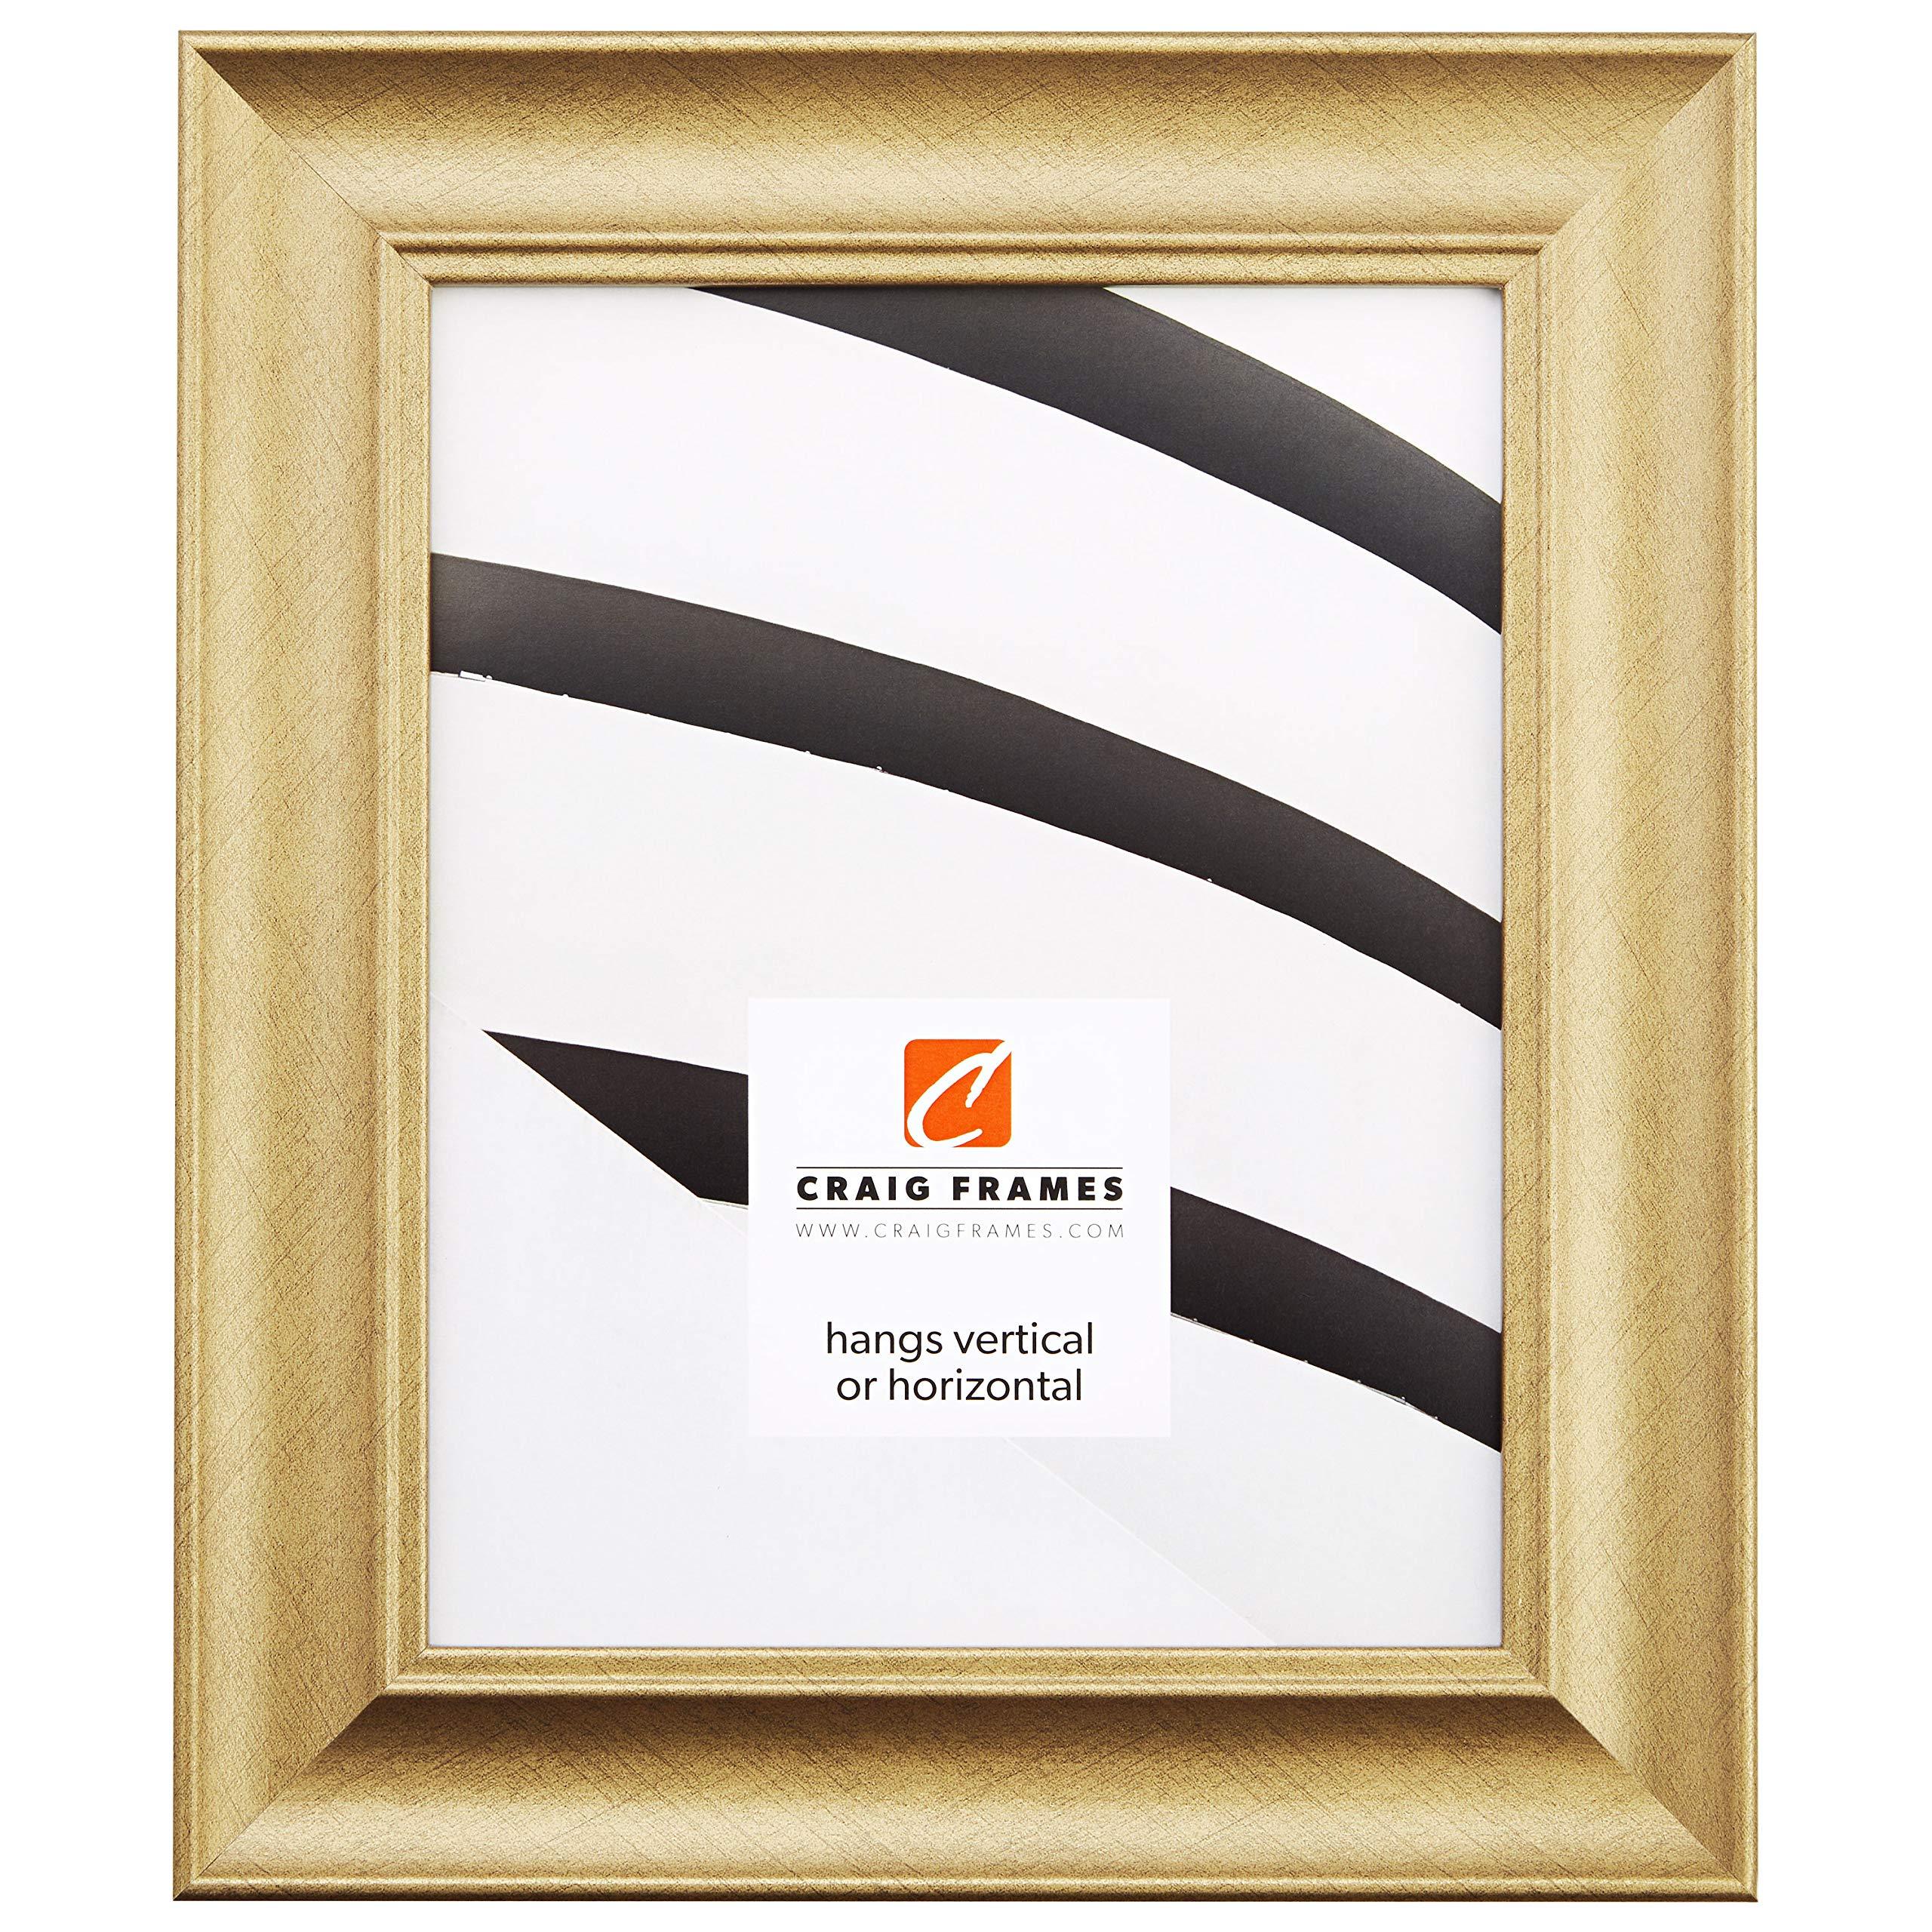 Craig Frames Vintage Revival, Brushed Gold Picture Frame, 16 x 20-Inch by Craig Frames